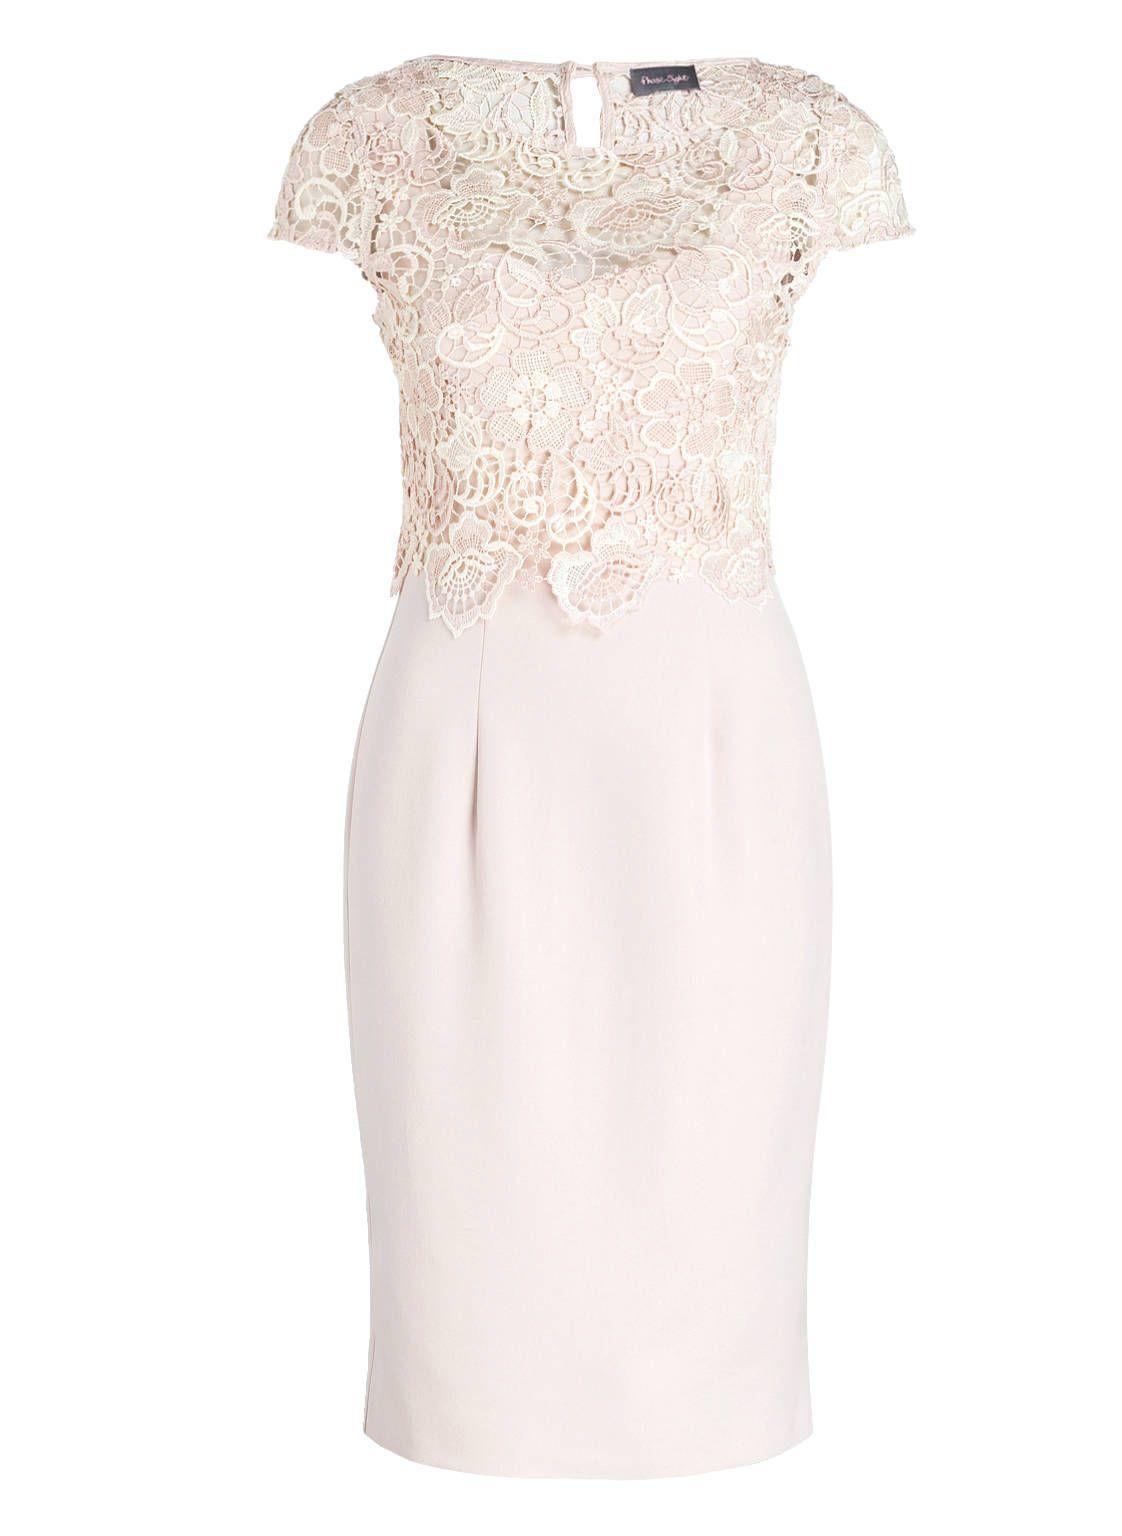 Kleid von Phase Eight, 20 €, gesehen auf breuninger.de  Kleid